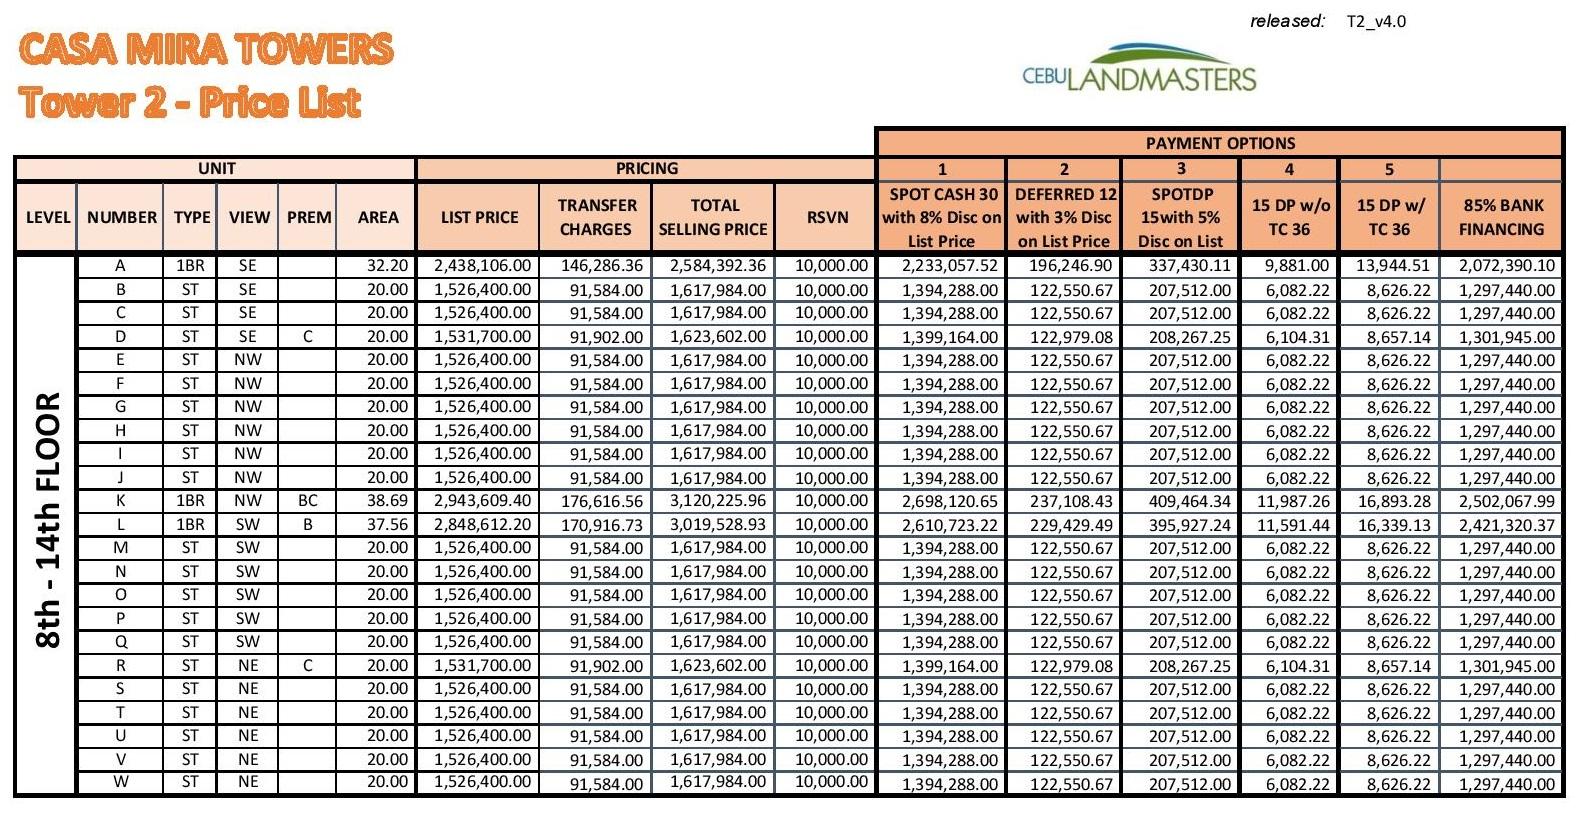 Cm pricelist tower 2 12012016 v4 0 bank page 002 cebu for Casa moderna naga city prices